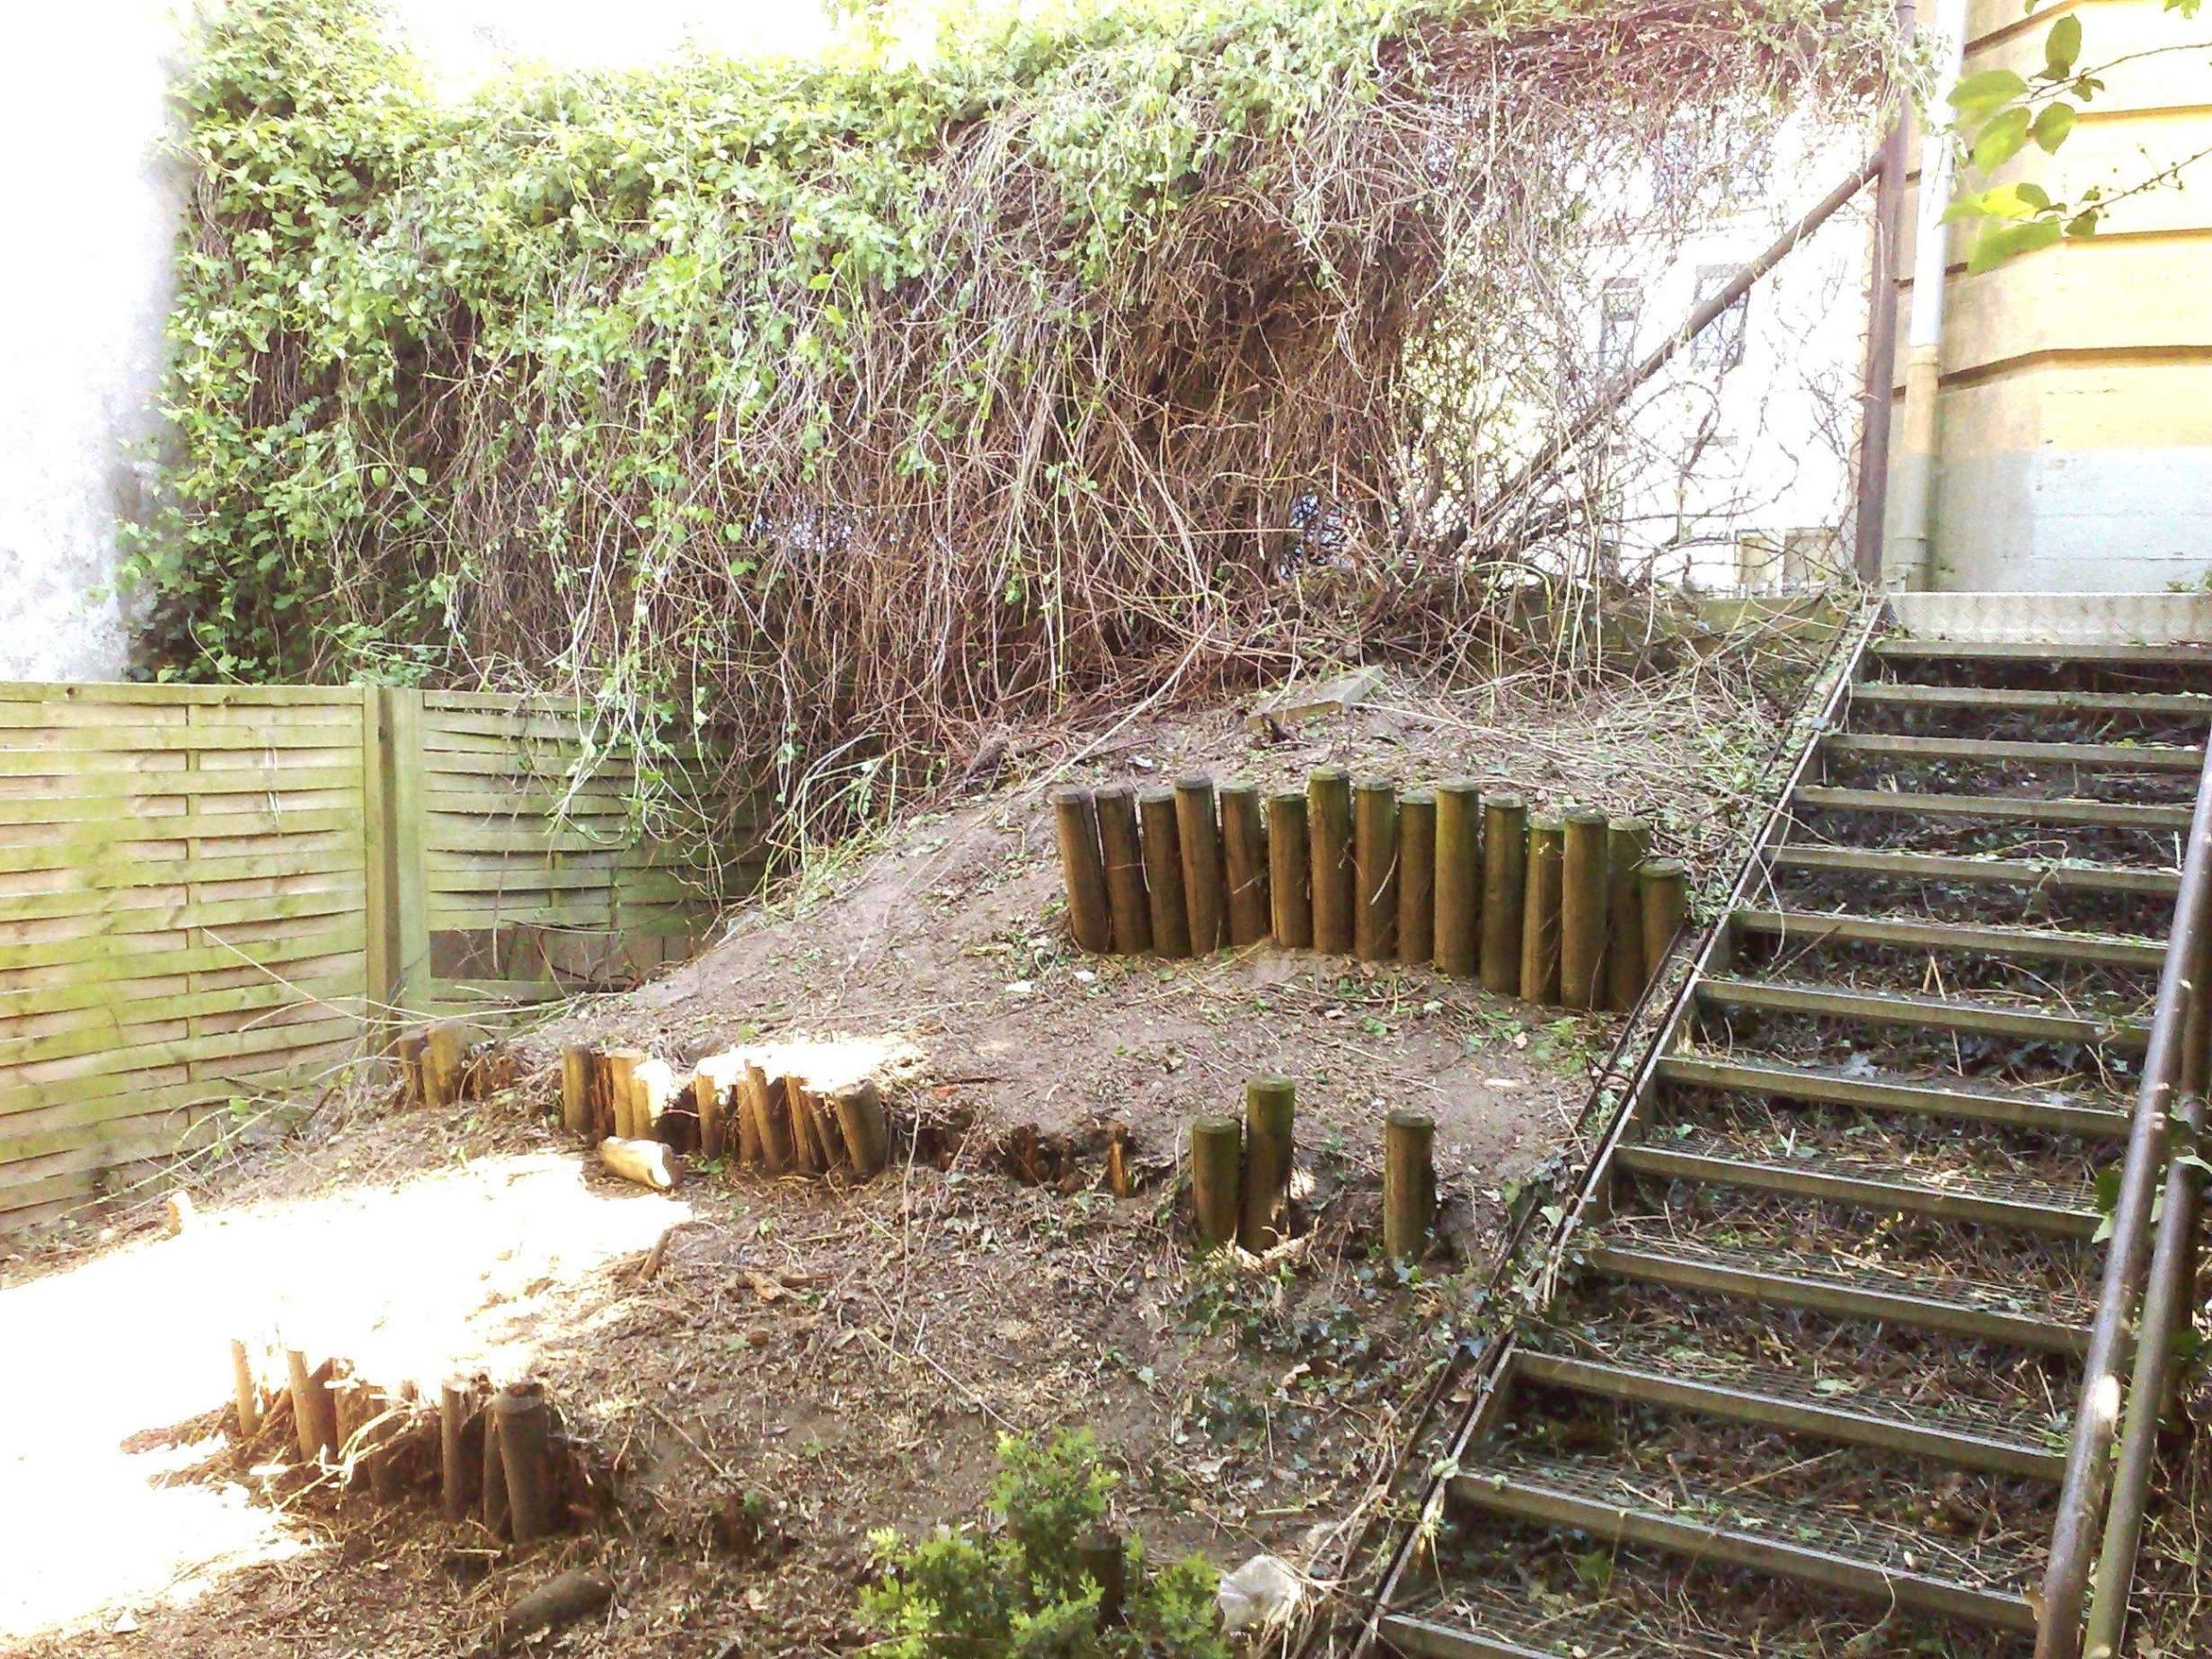 sichtschutz garten terrasse beste schiebegardine blumenrispe i 0d sichtschutz garten pflanzen sichtschutz garten pflanzen